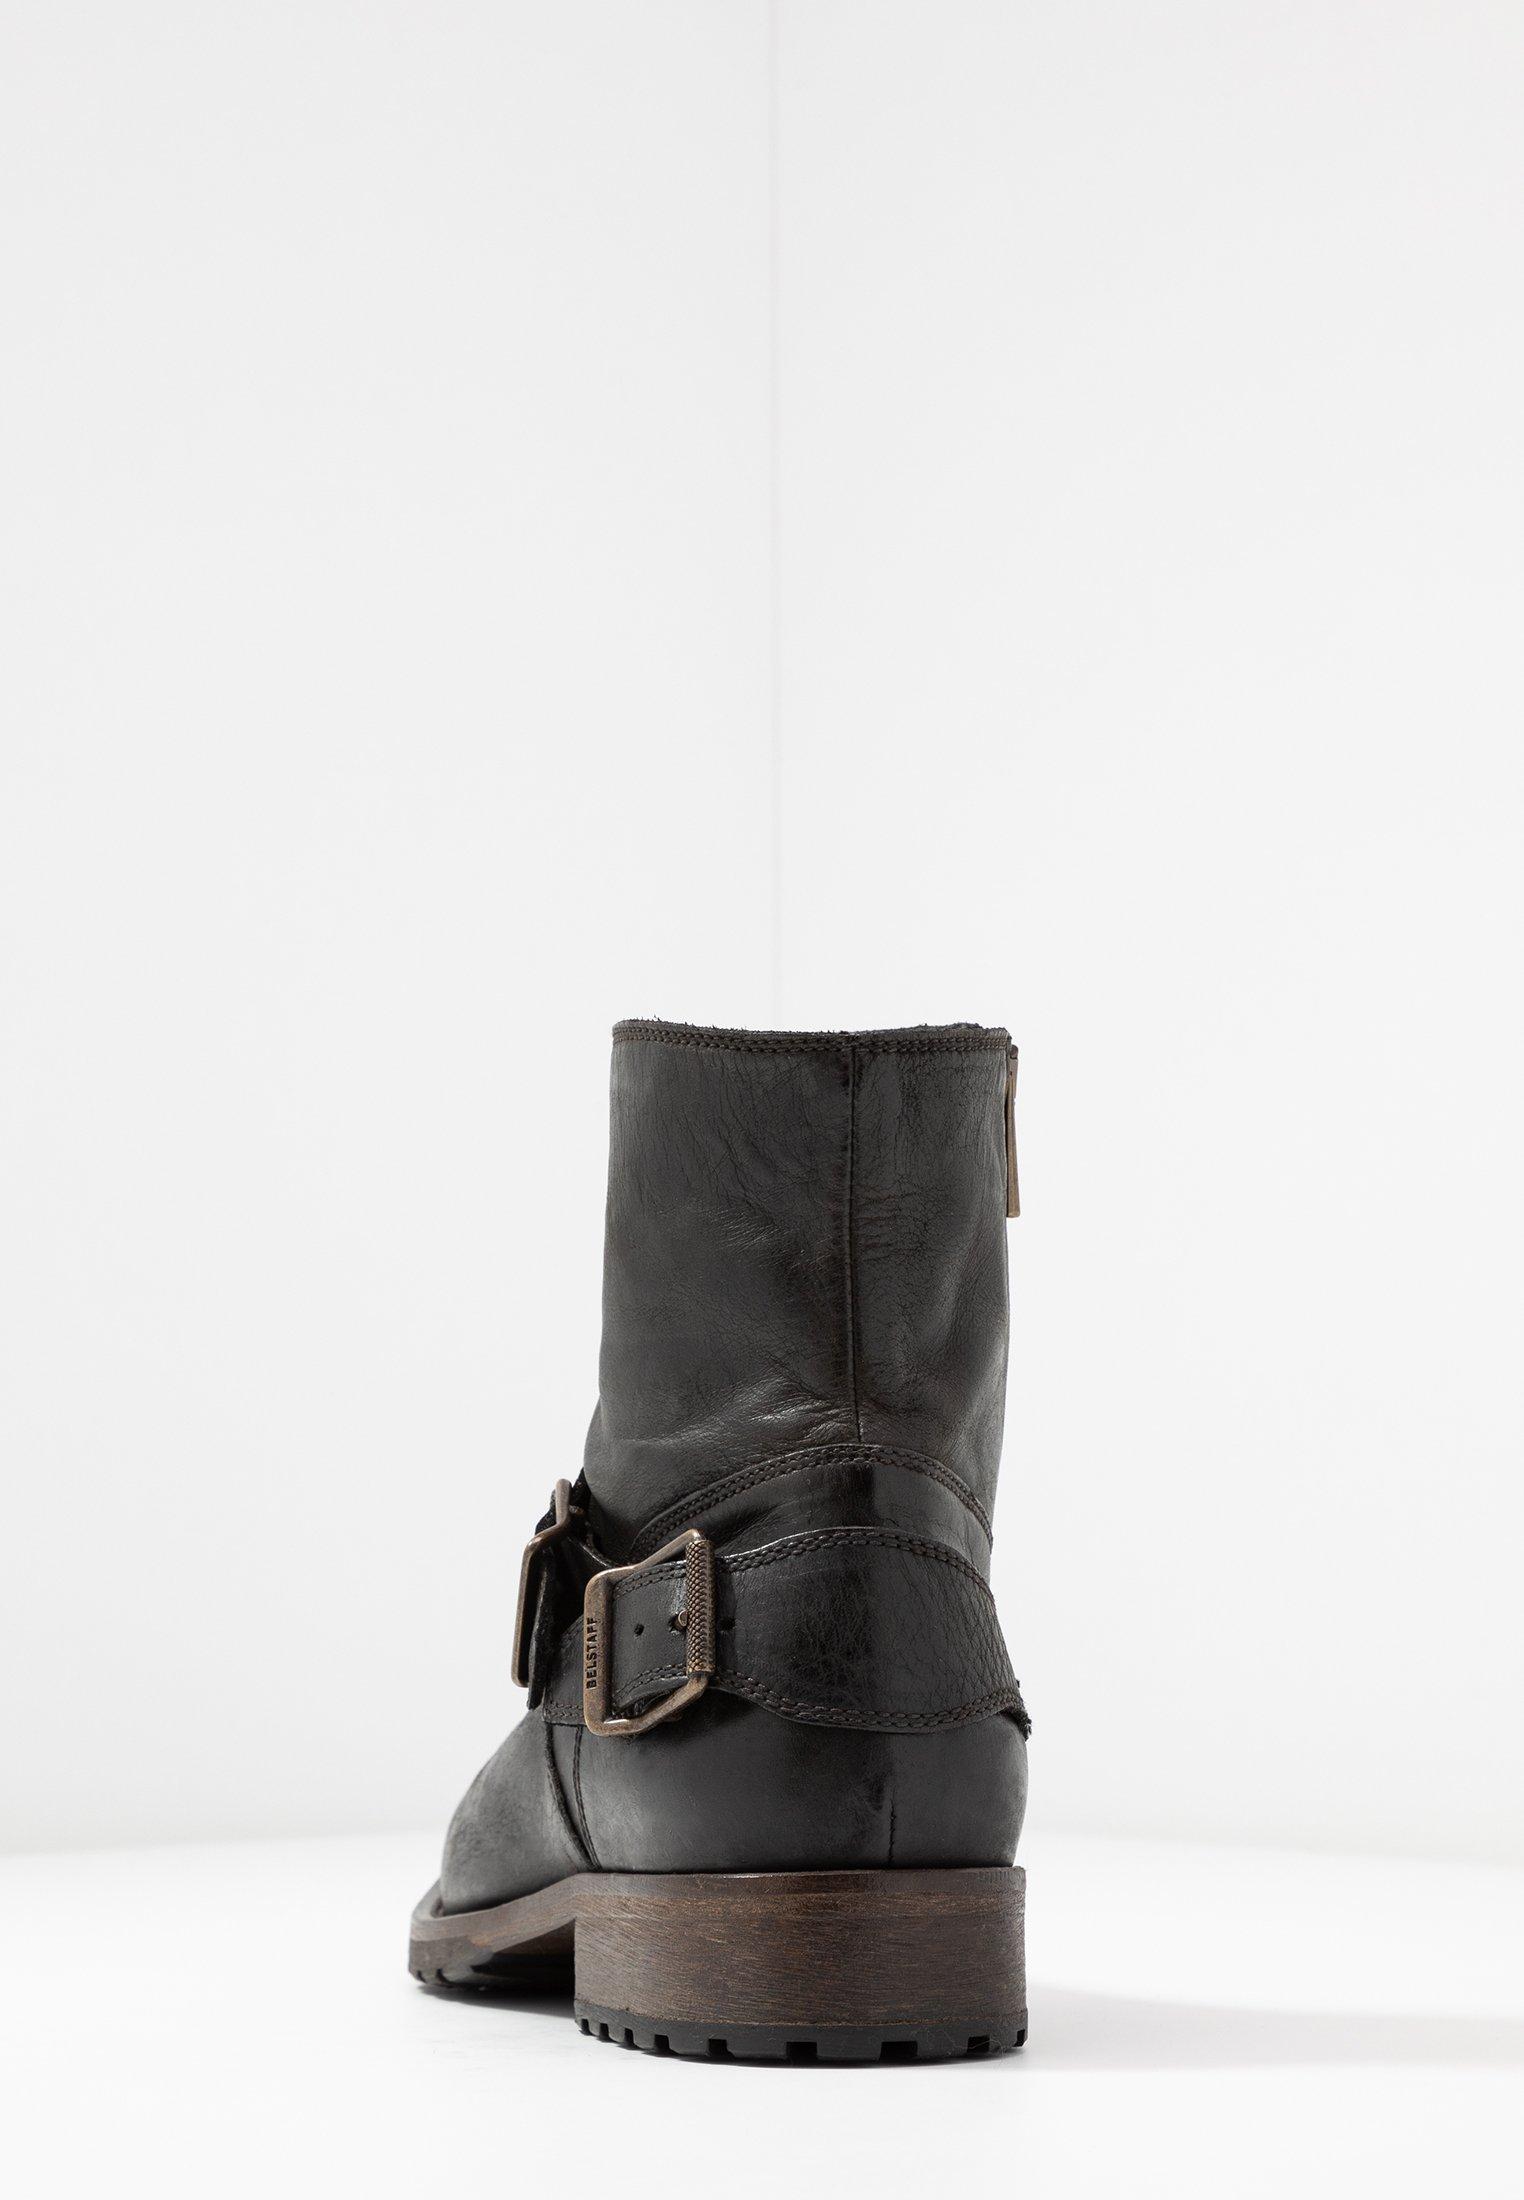 Belstaff Trialmaster Boot - Stövletter Black